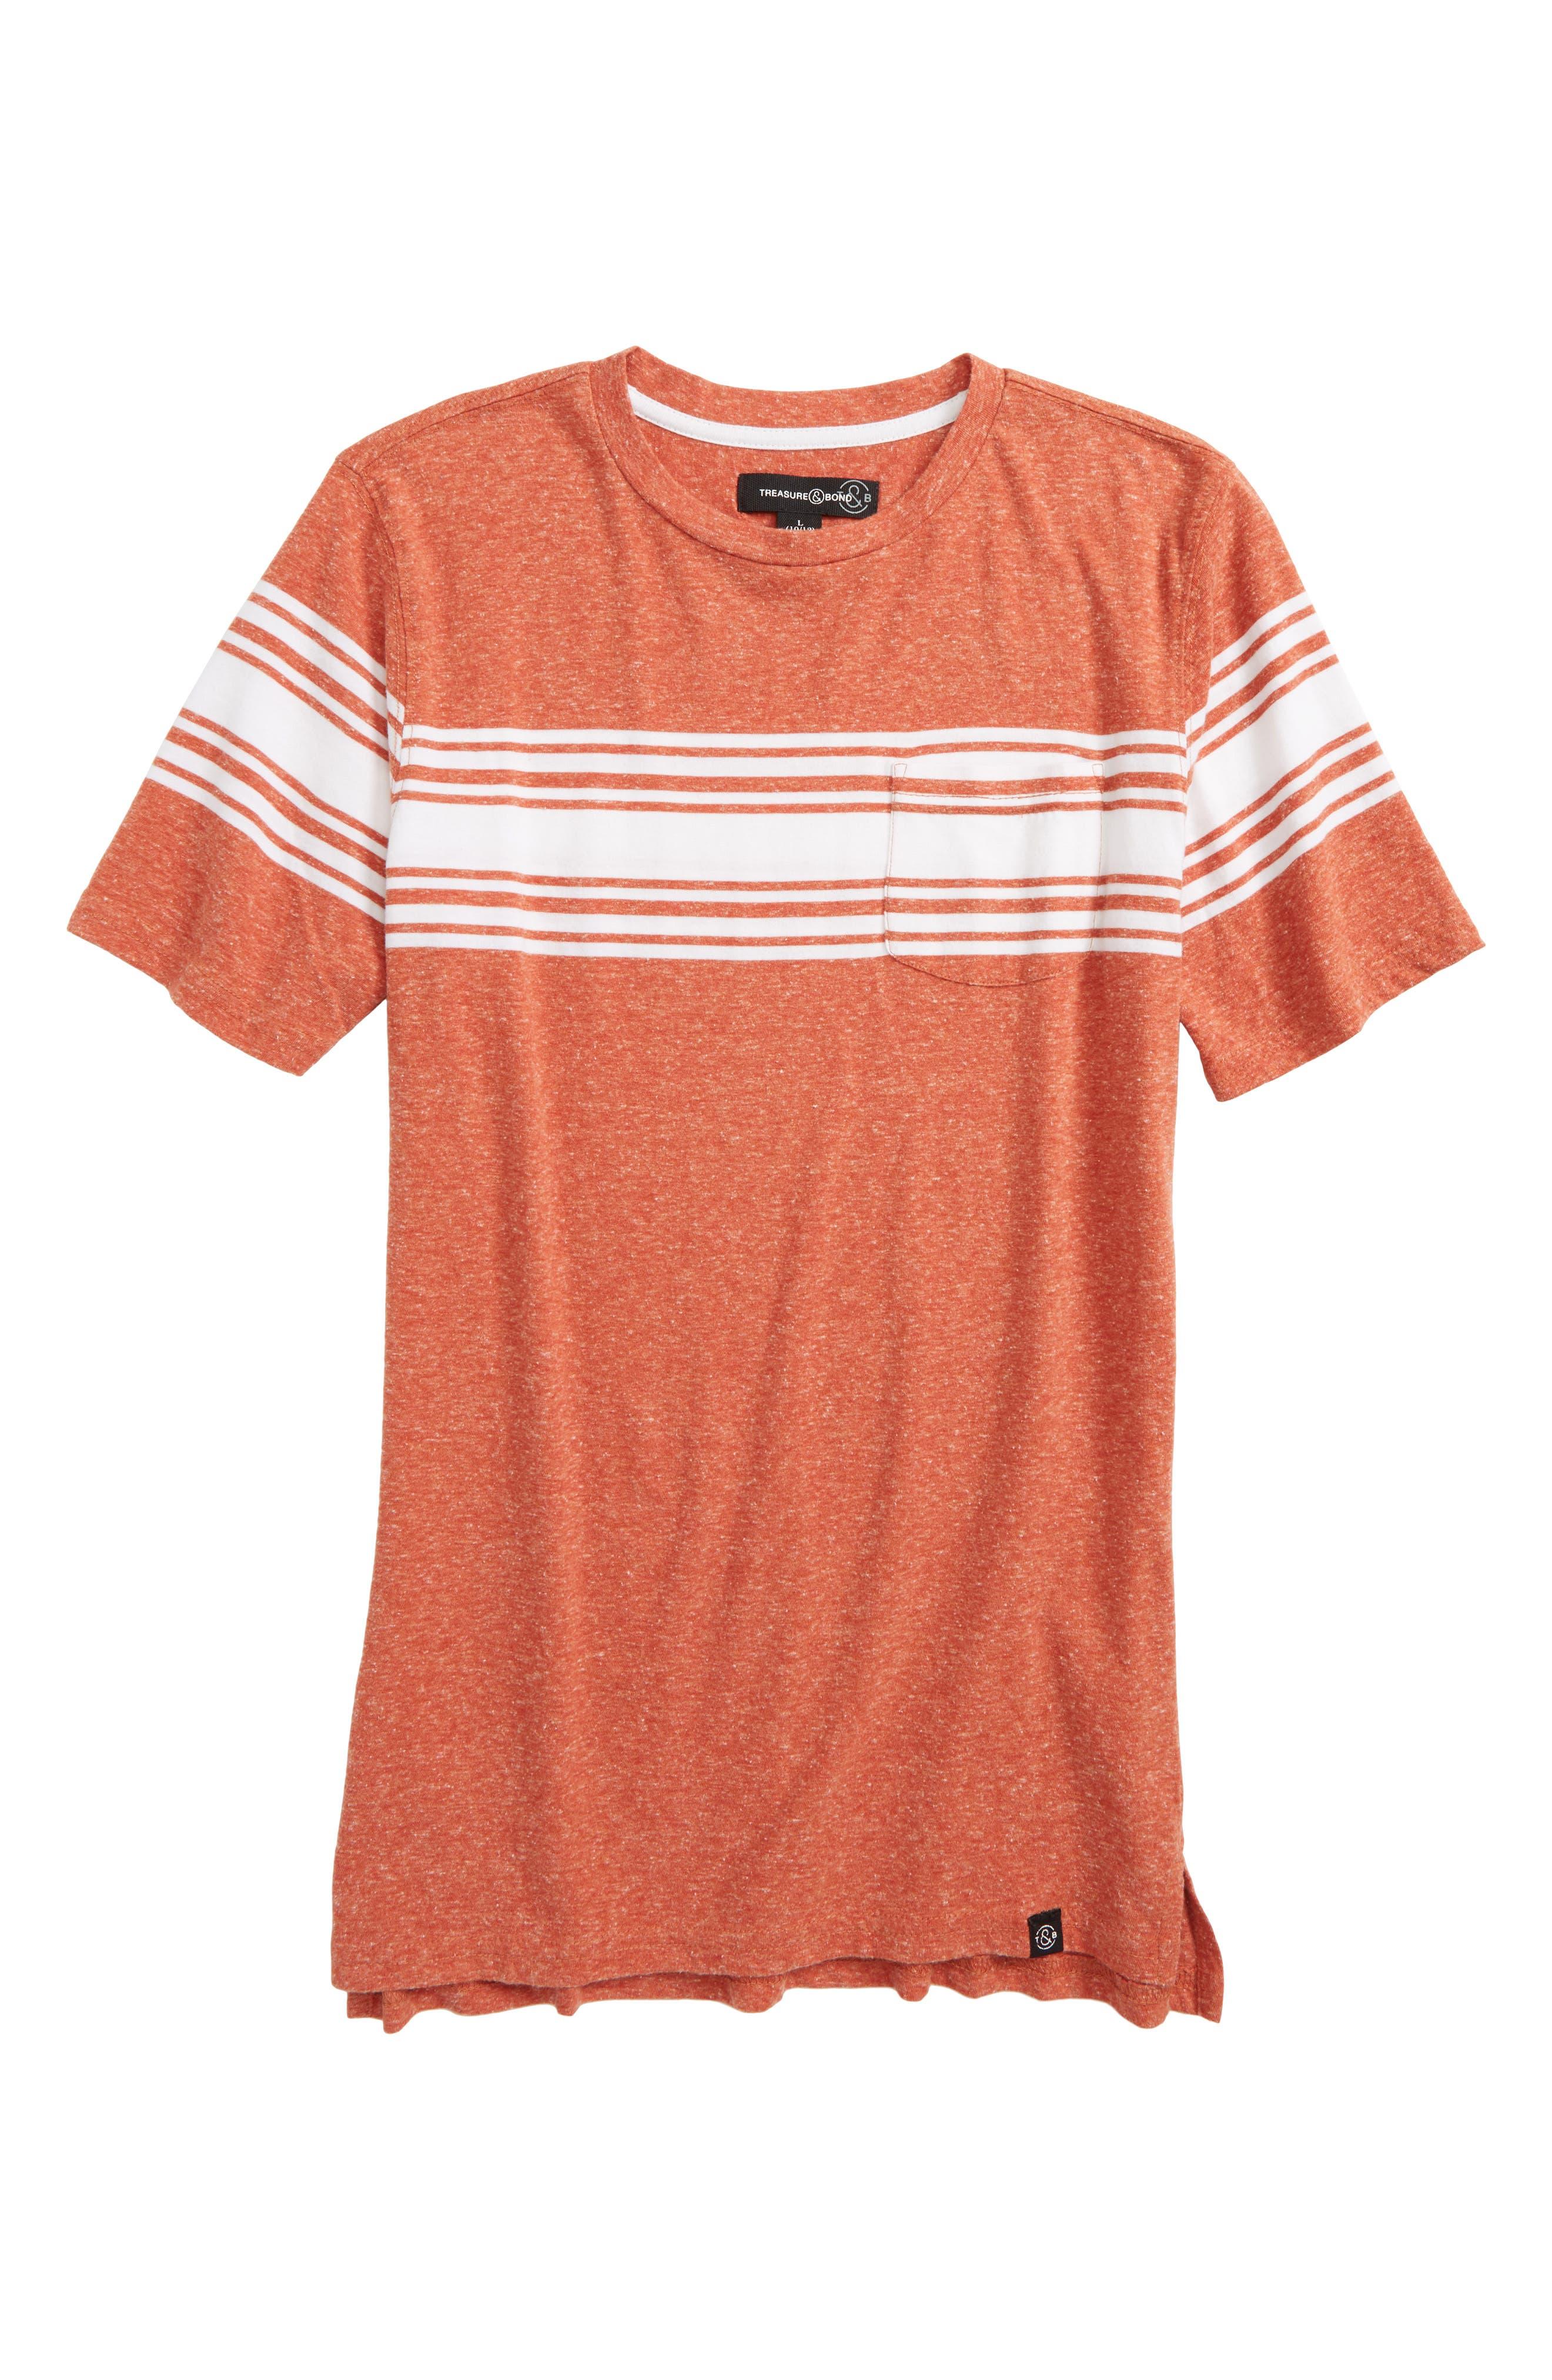 Stripe T-Shirt,                             Main thumbnail 1, color,                             Rust Marsala Heather- White